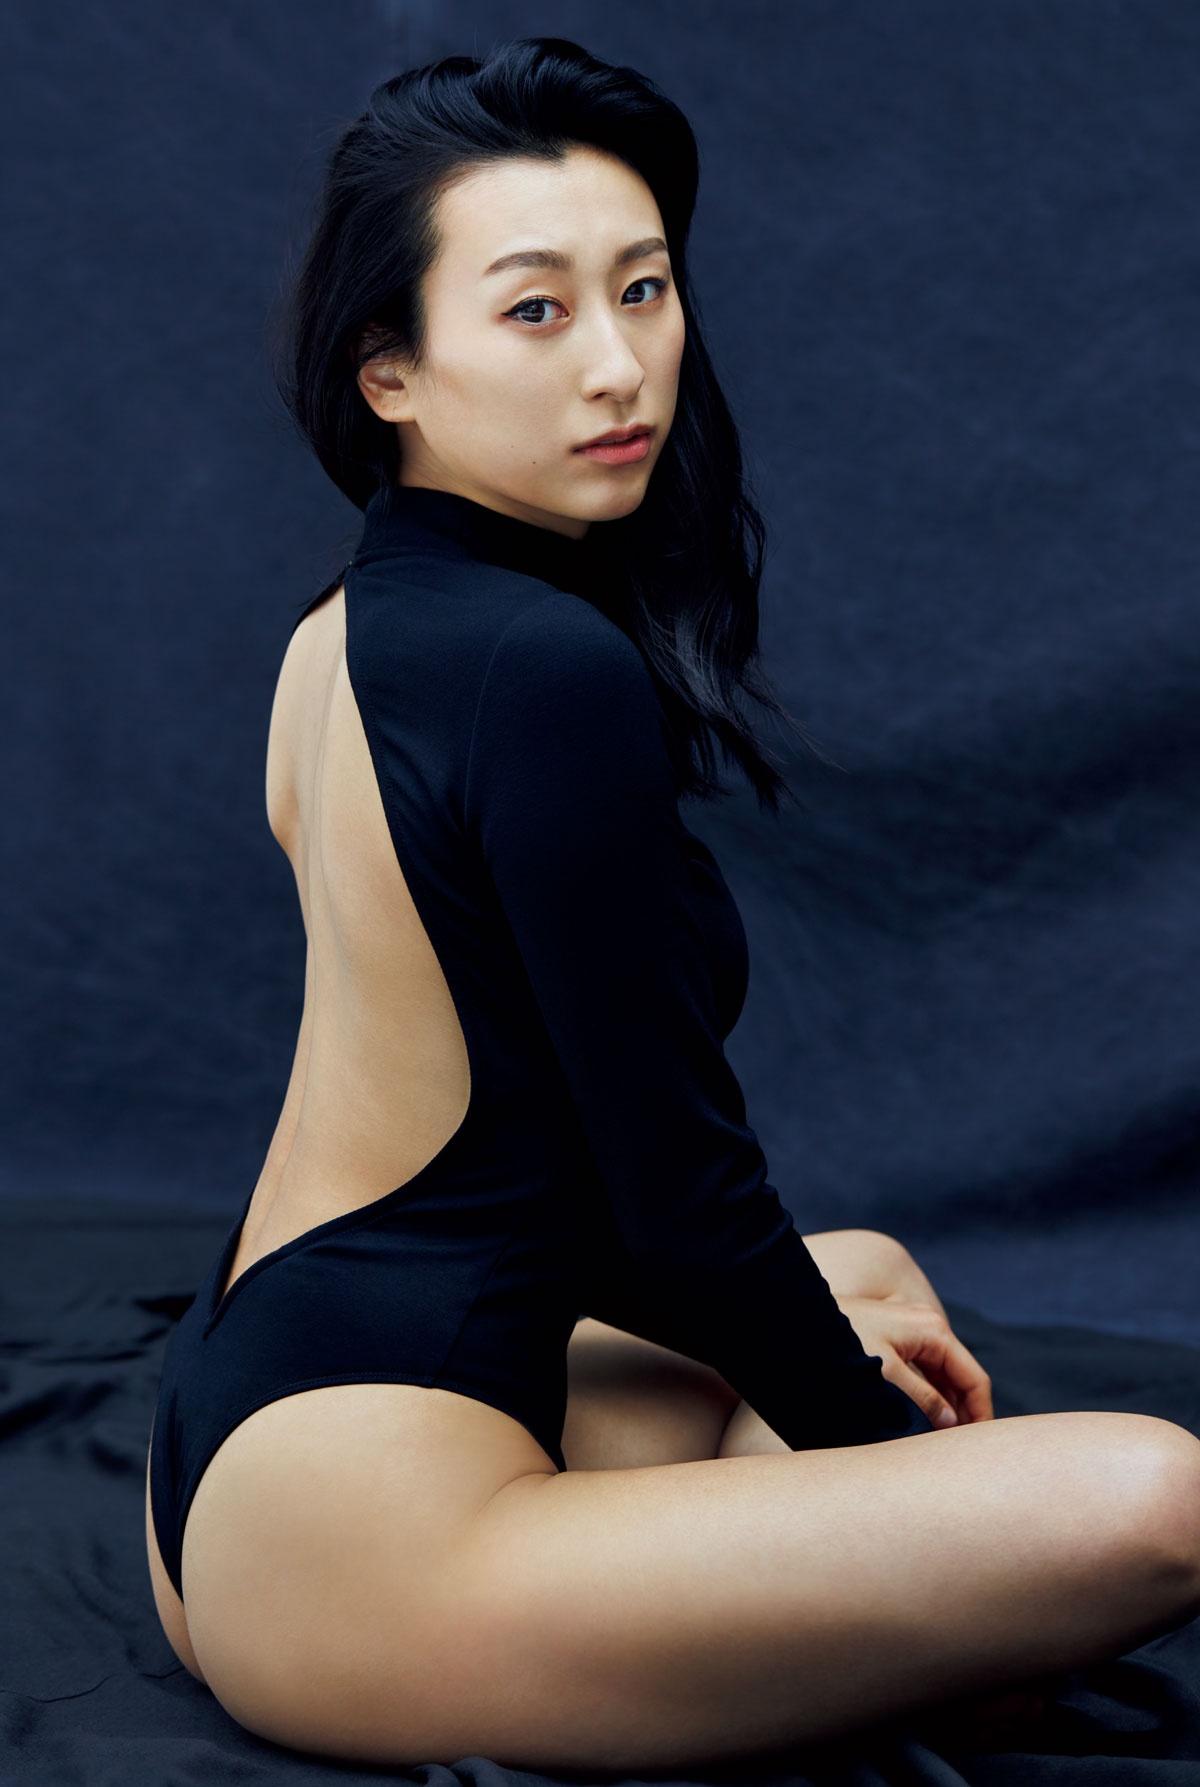 今週の美女news 浅田舞7年ぶりグラビア 井上咲楽 桃月なしこ 新田あゆなが美bodyで魅了 Oricon News